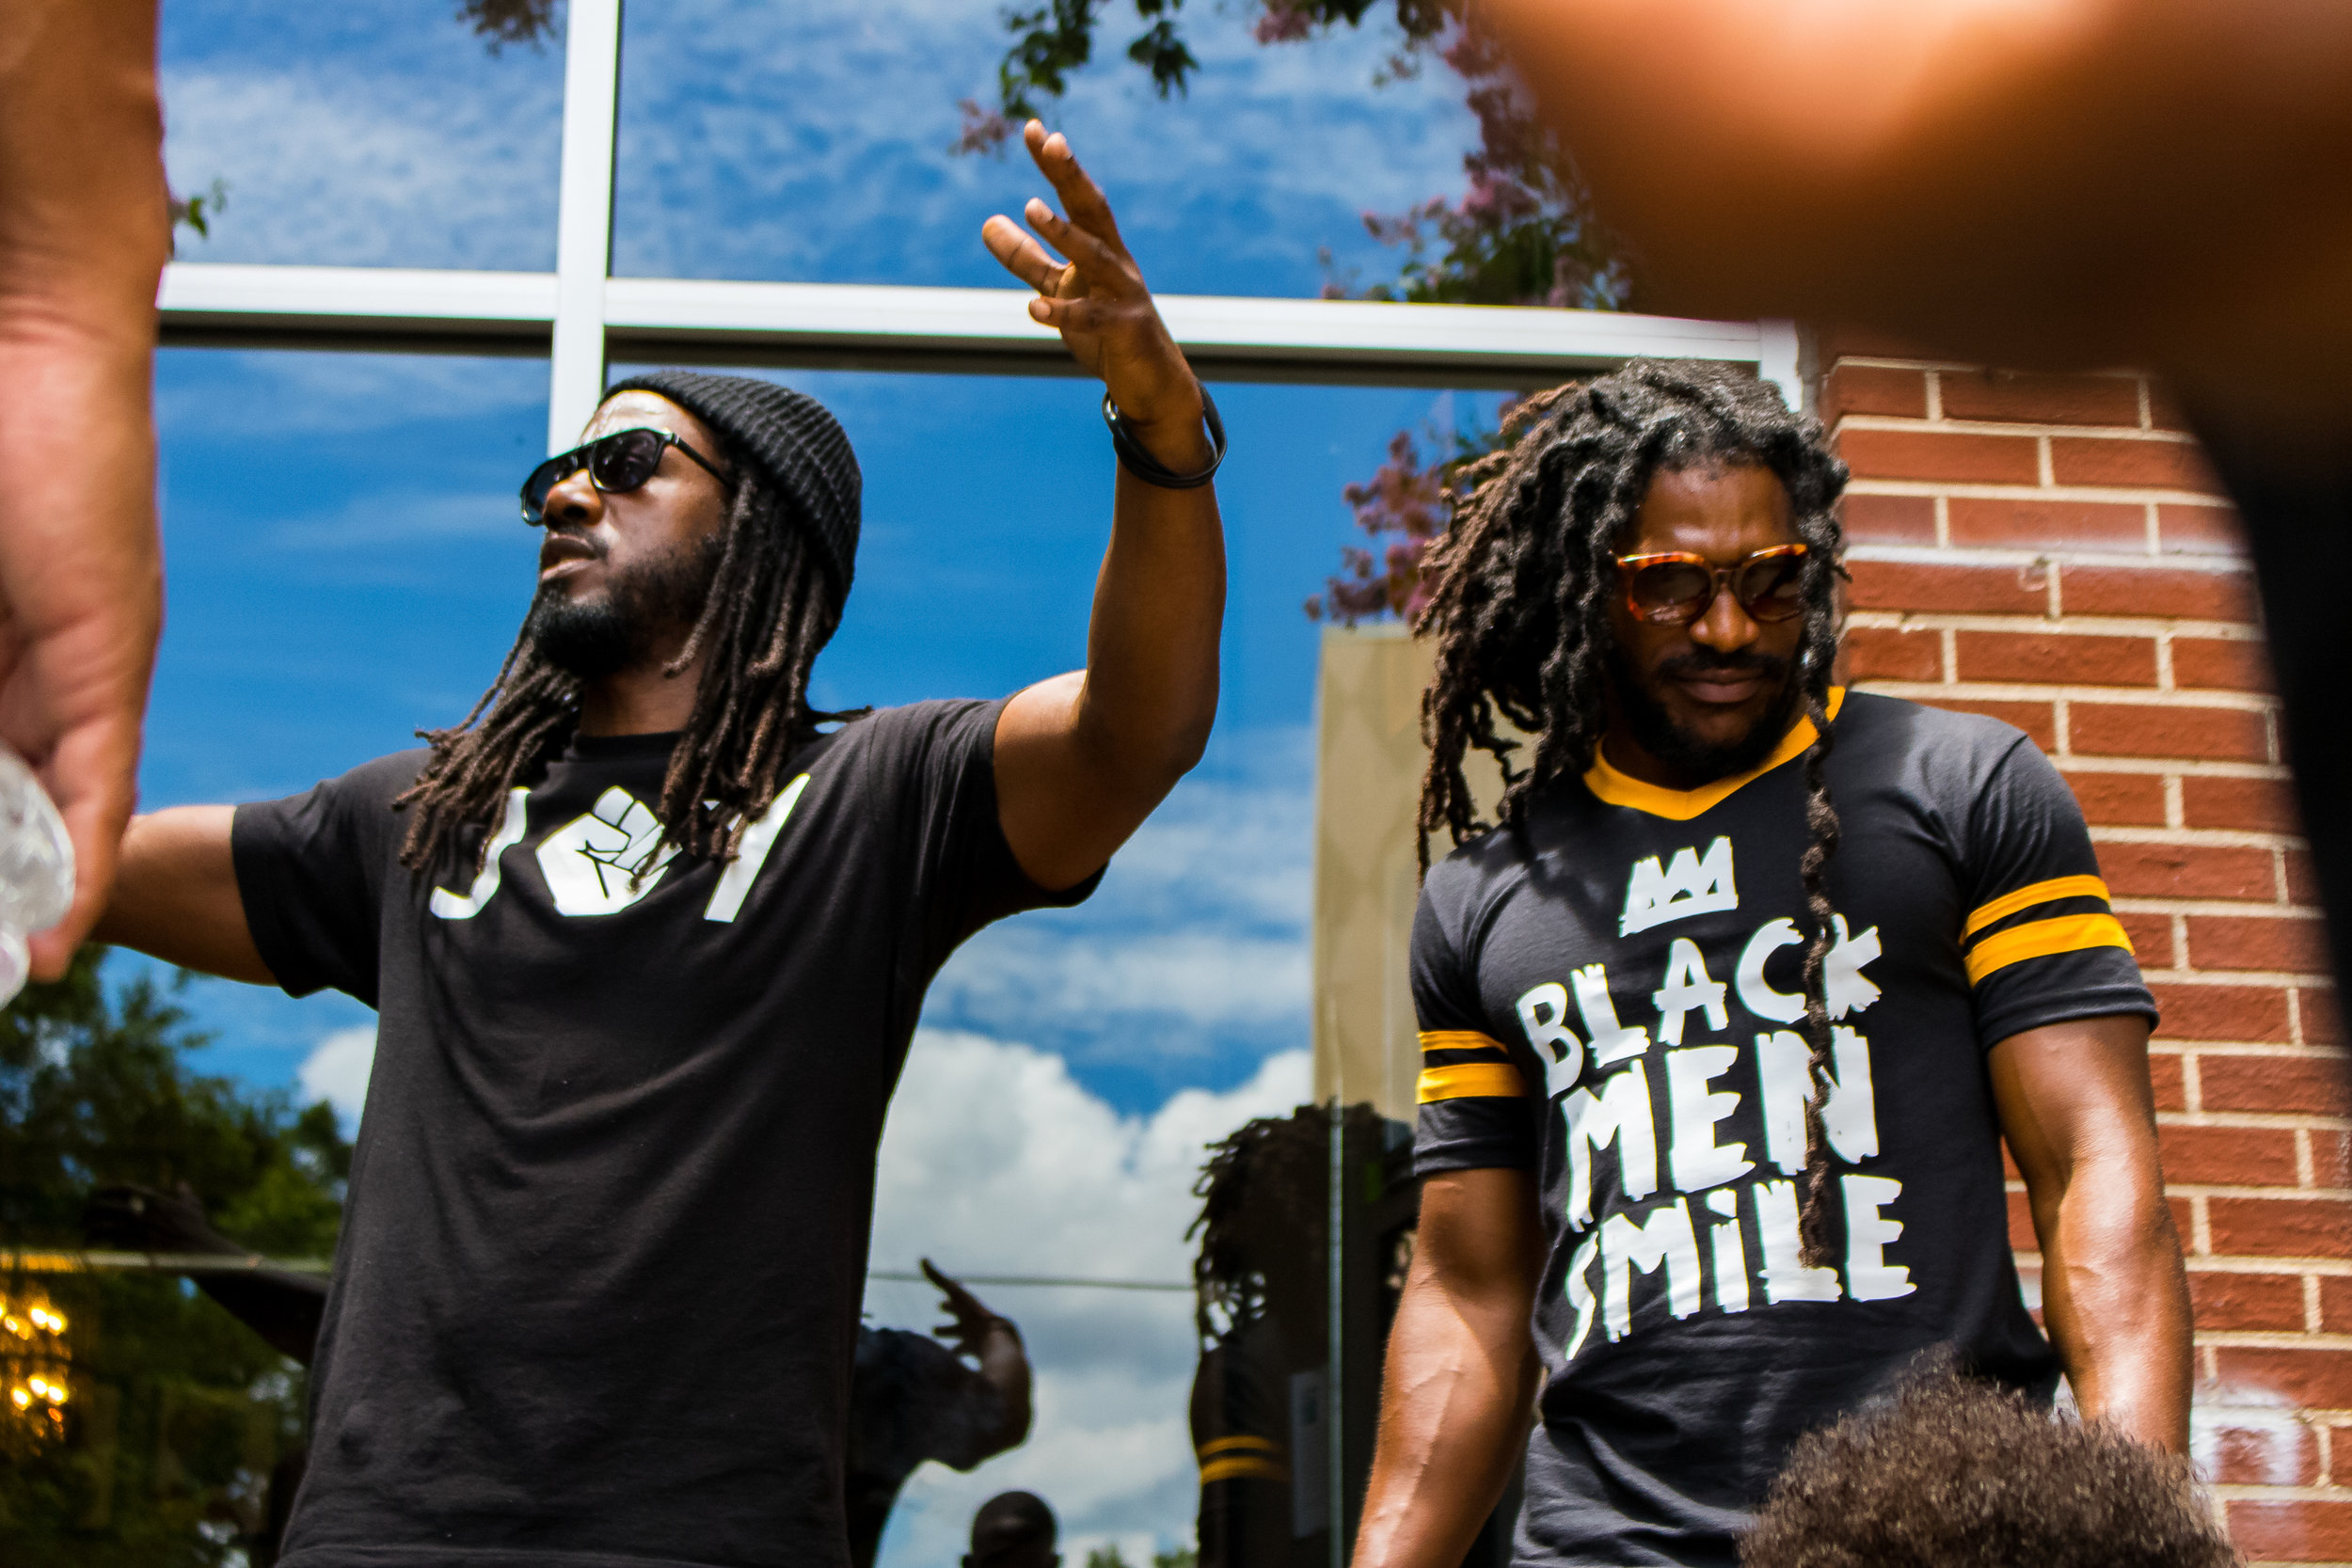 Black Men Smile - 2017 -Black Men Smile - 2017 -IMG_2433 (resized).jpg